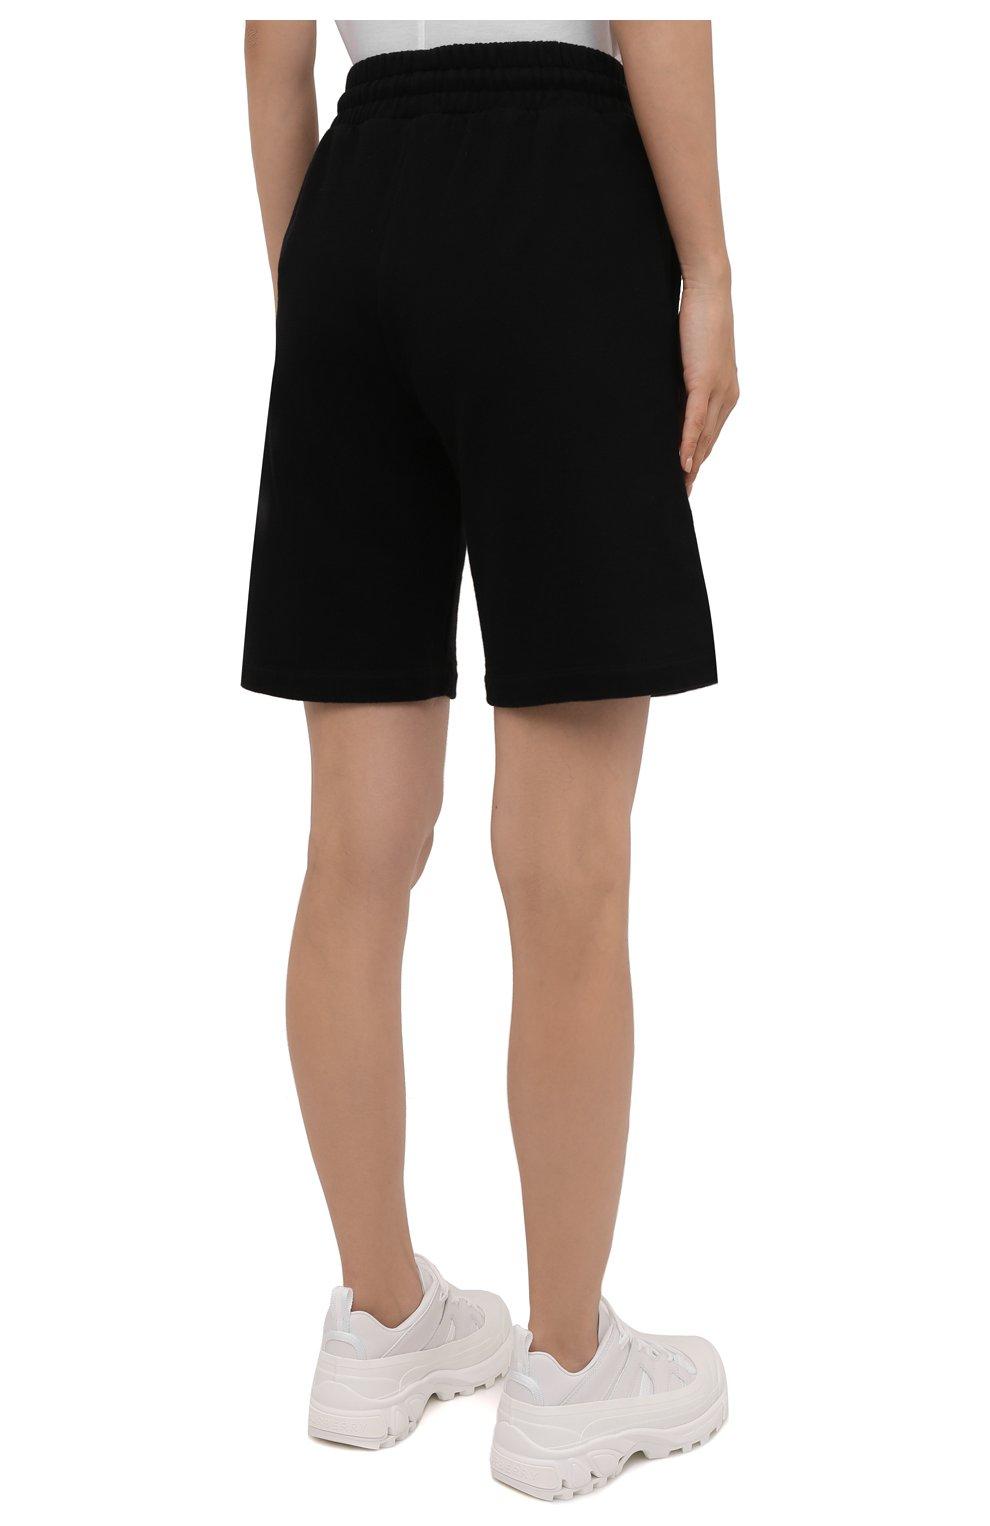 Женские хлопковые шорты OFF-WHITE черного цвета, арт. 0WCI001F21JER001 | Фото 4 (Женское Кросс-КТ: Шорты-одежда, Шорты-спорт; Длина Ж (юбки, платья, шорты): Мини; Кросс-КТ: Трикотаж; Материал внешний: Хлопок; Стили: Спорт-шик)